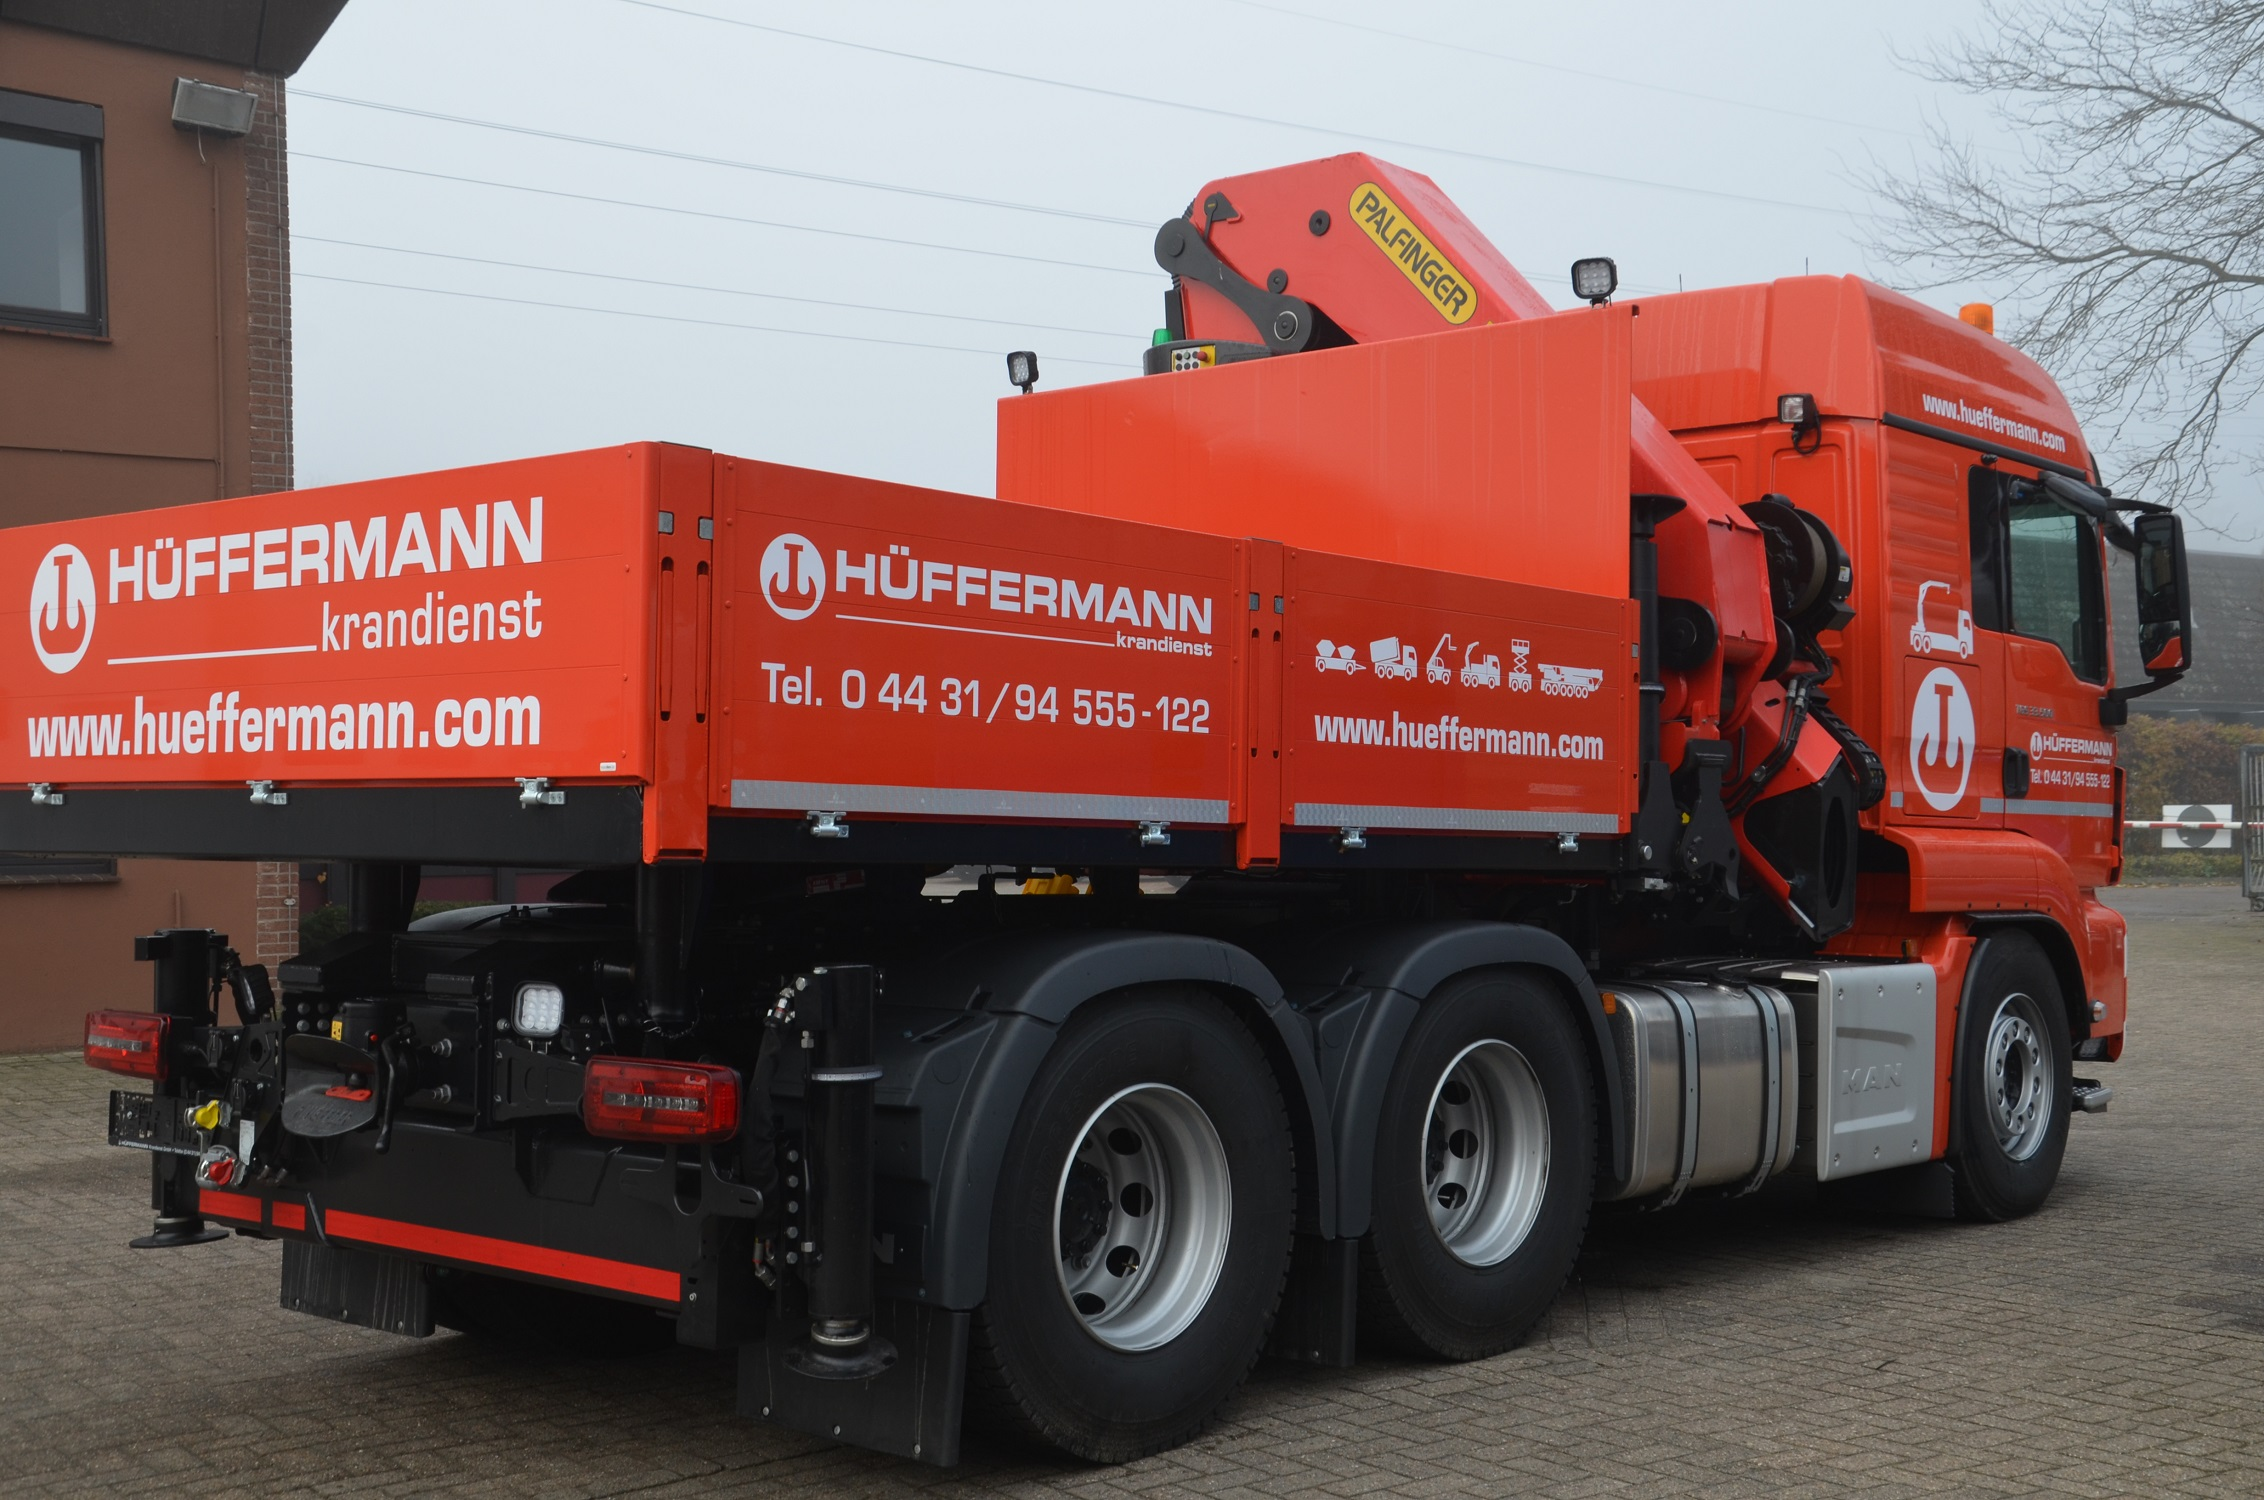 Fahrzeugbau - Aufbau LKW Ladekran von velsycon für Hüffermann